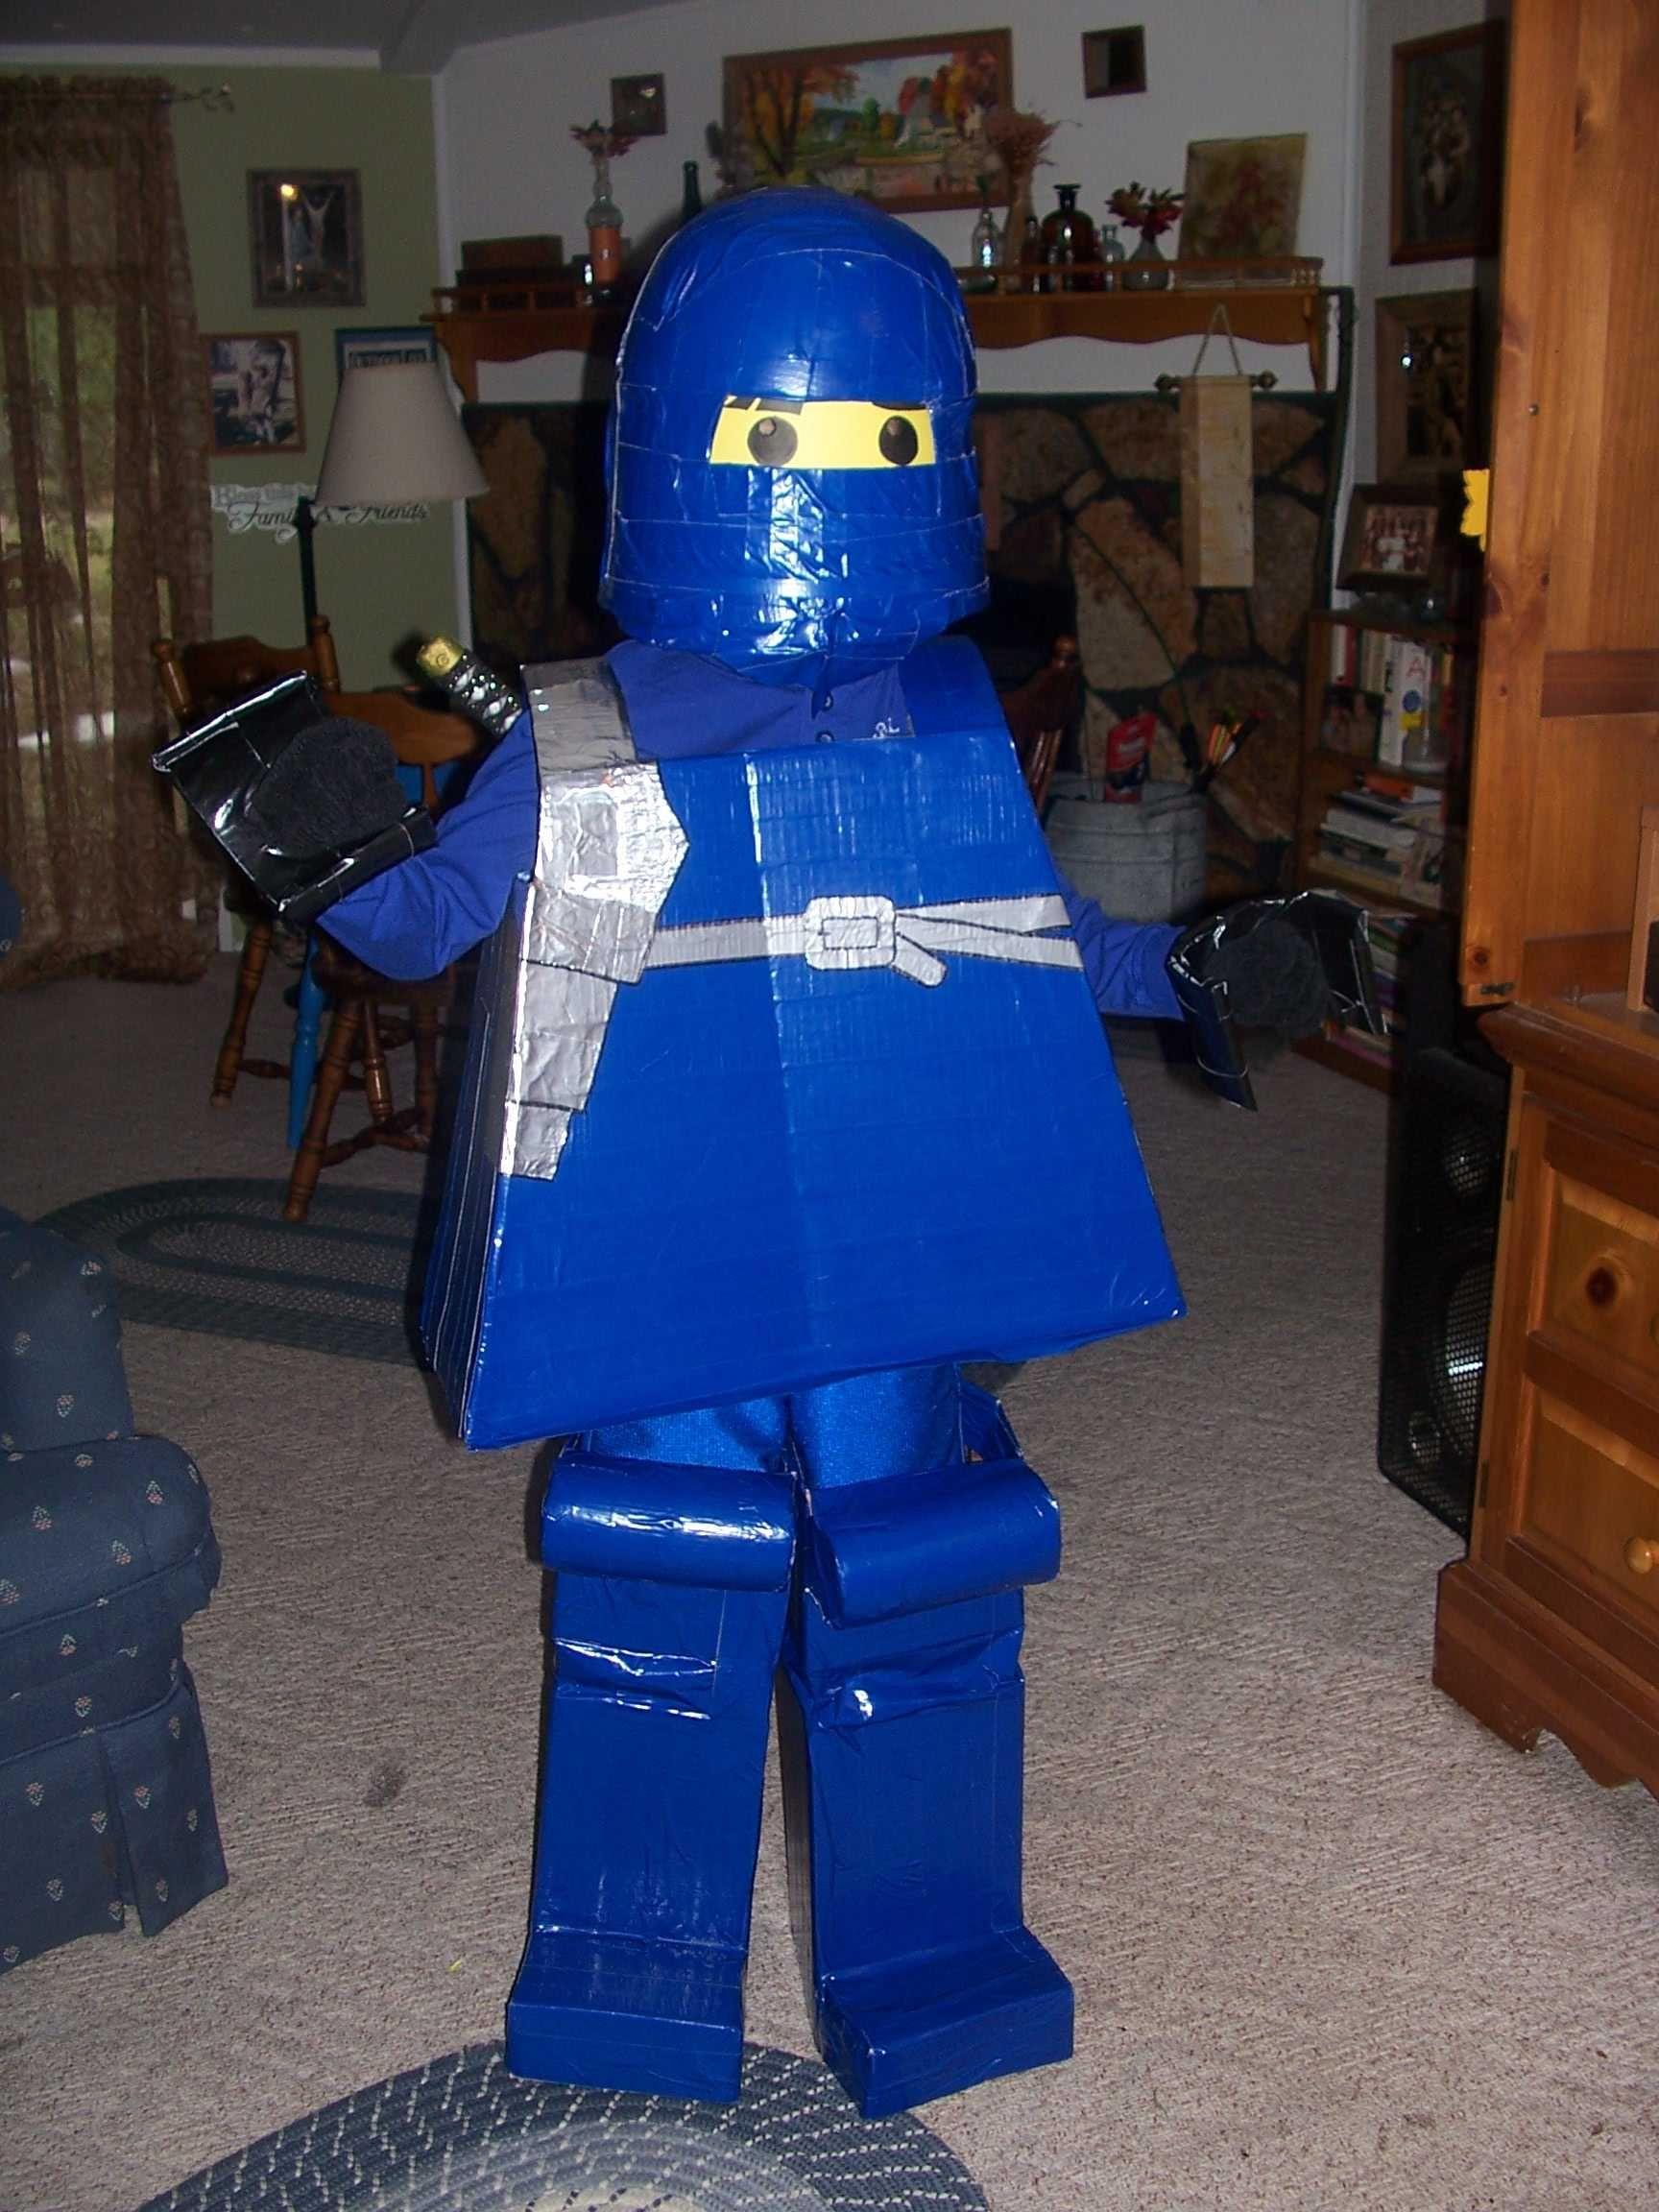 Halloween Costume - Lego Ninjago Jay & Halloween Costume - Lego Ninjago Jay | crafts | Pinterest | Lego ...